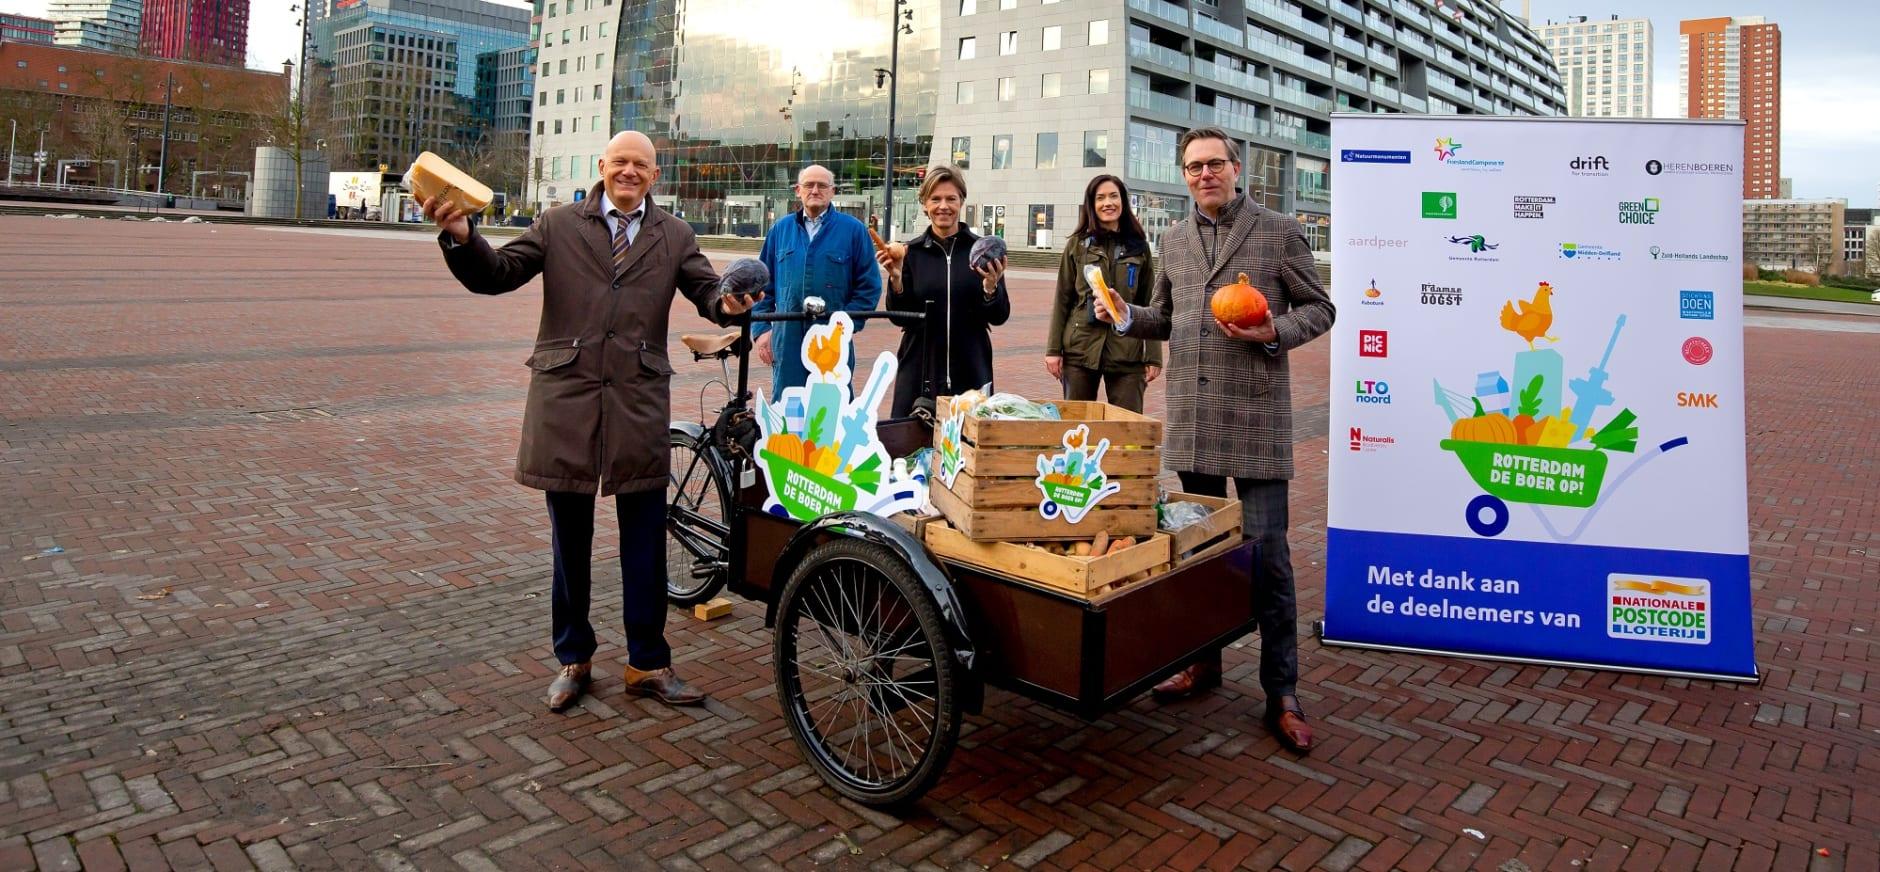 Startschot Rotterdam de boer op!